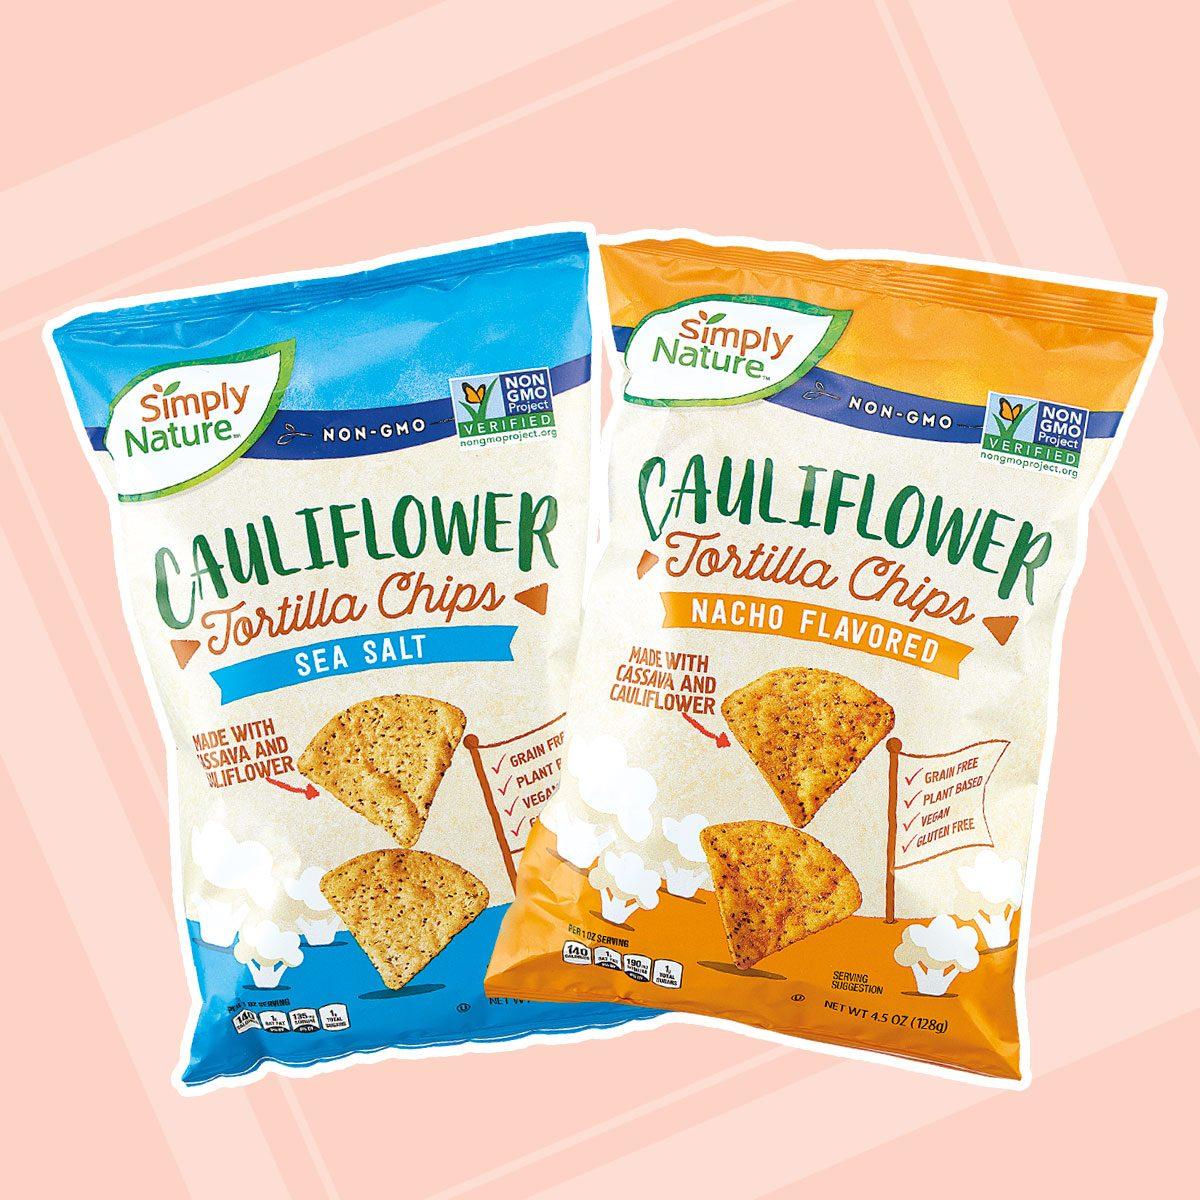 Cauliflower Tortilla Chips